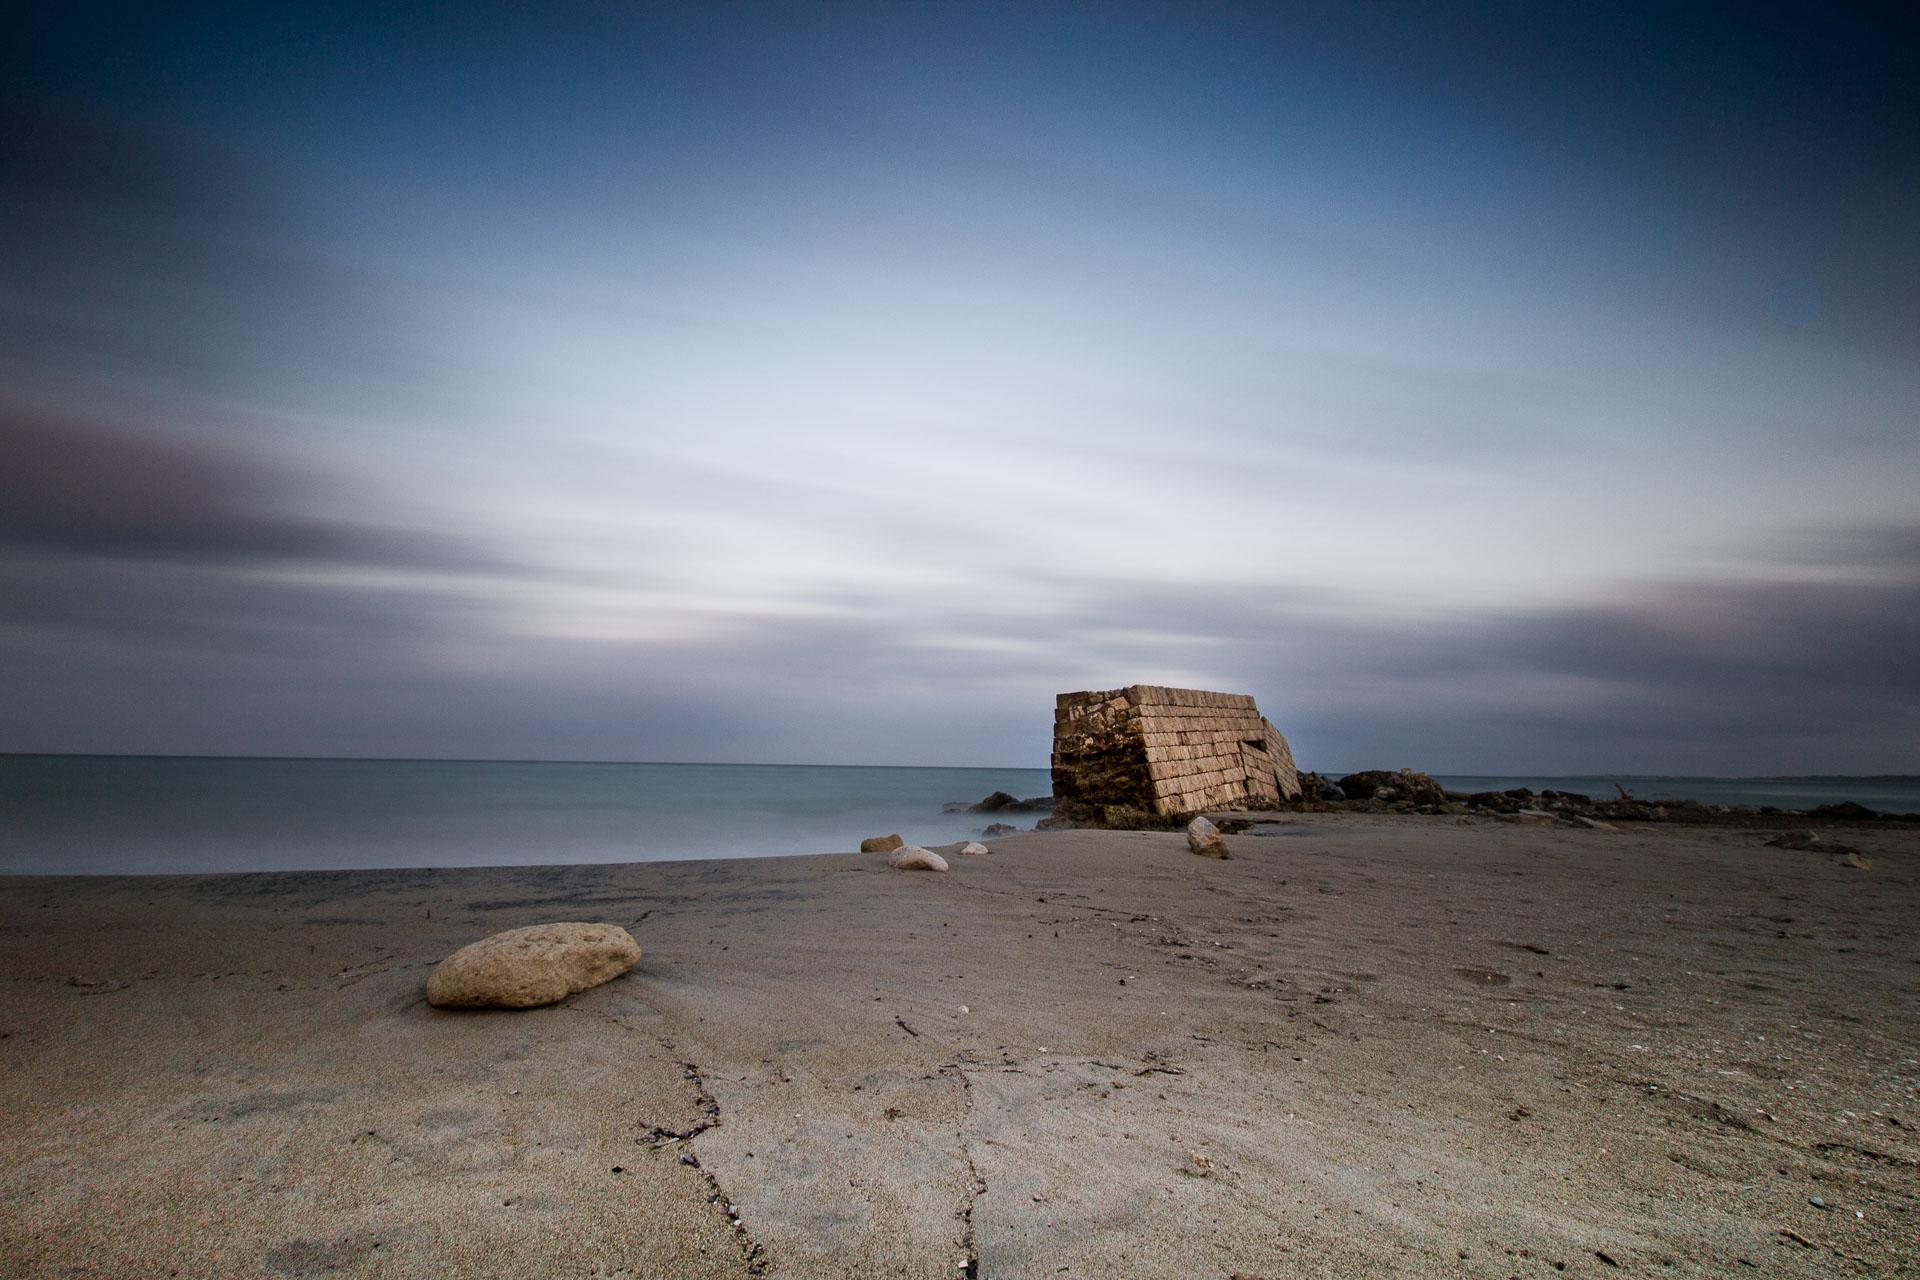 Antico Porto di Adriano, seascape long exposure photography